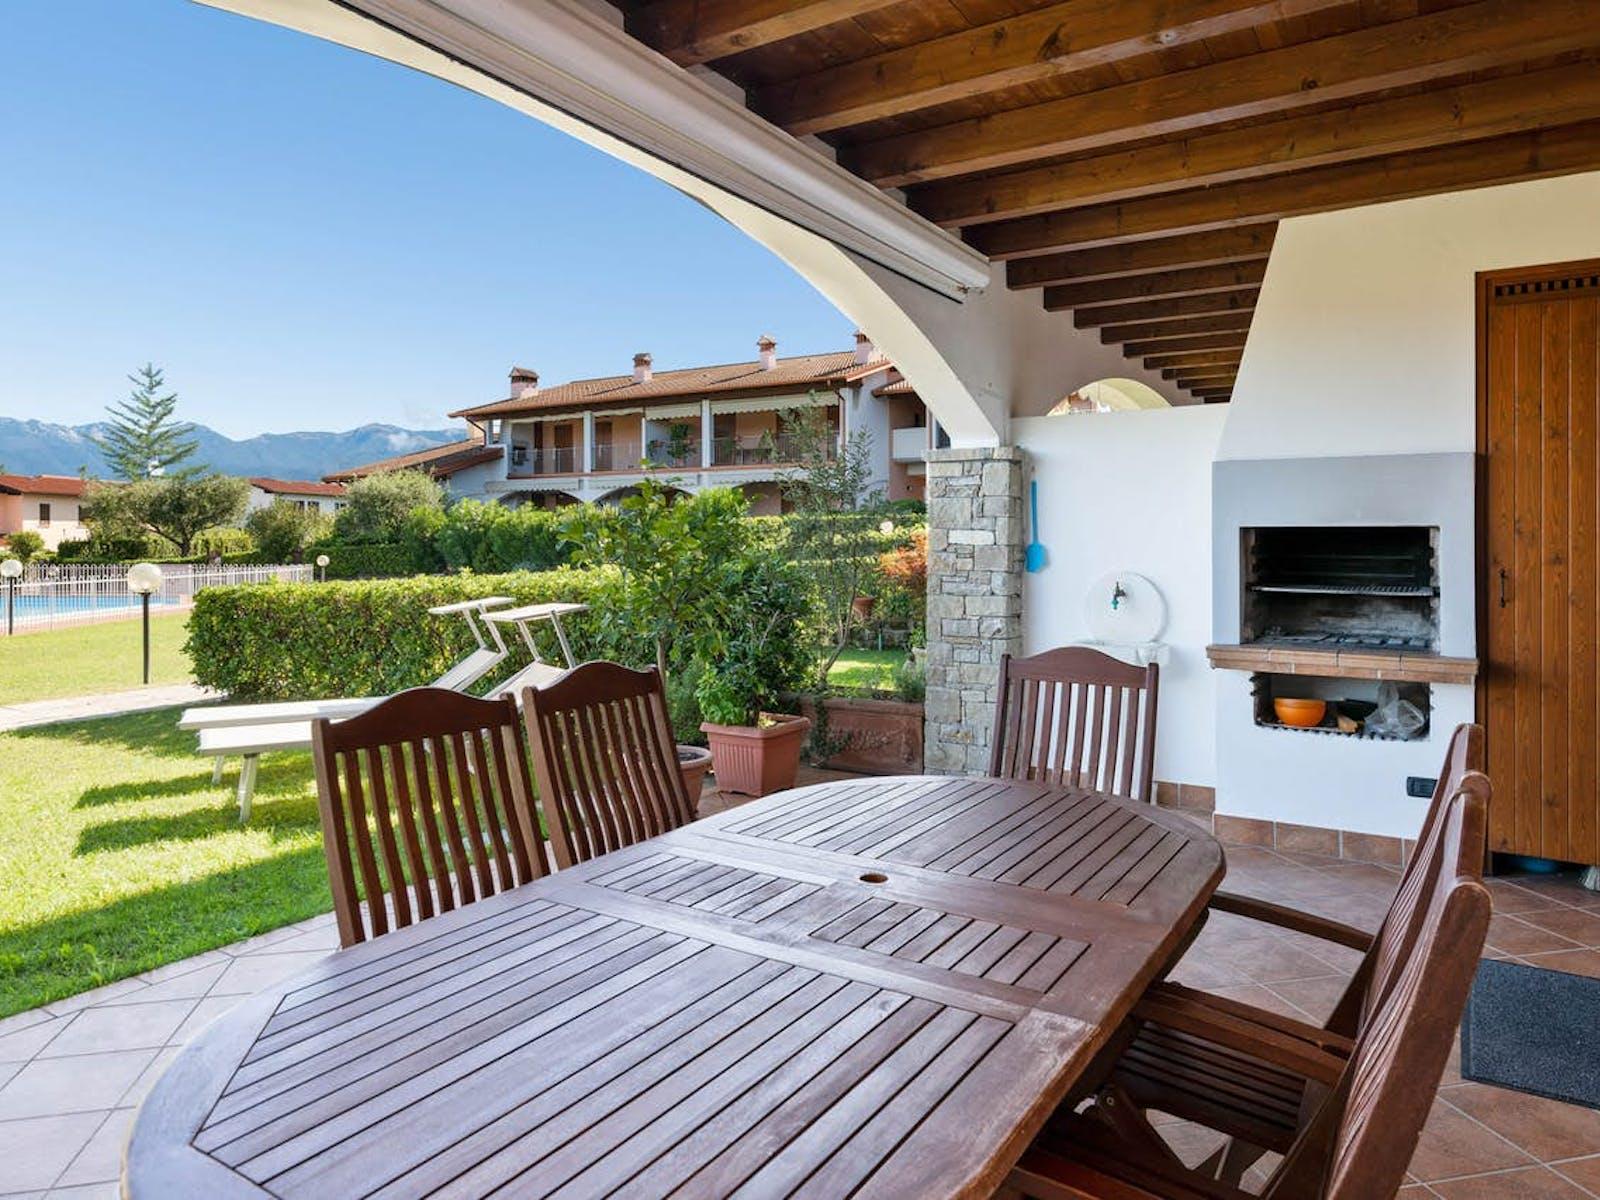 Vacation rental in Manerba del Garda, Lombardy